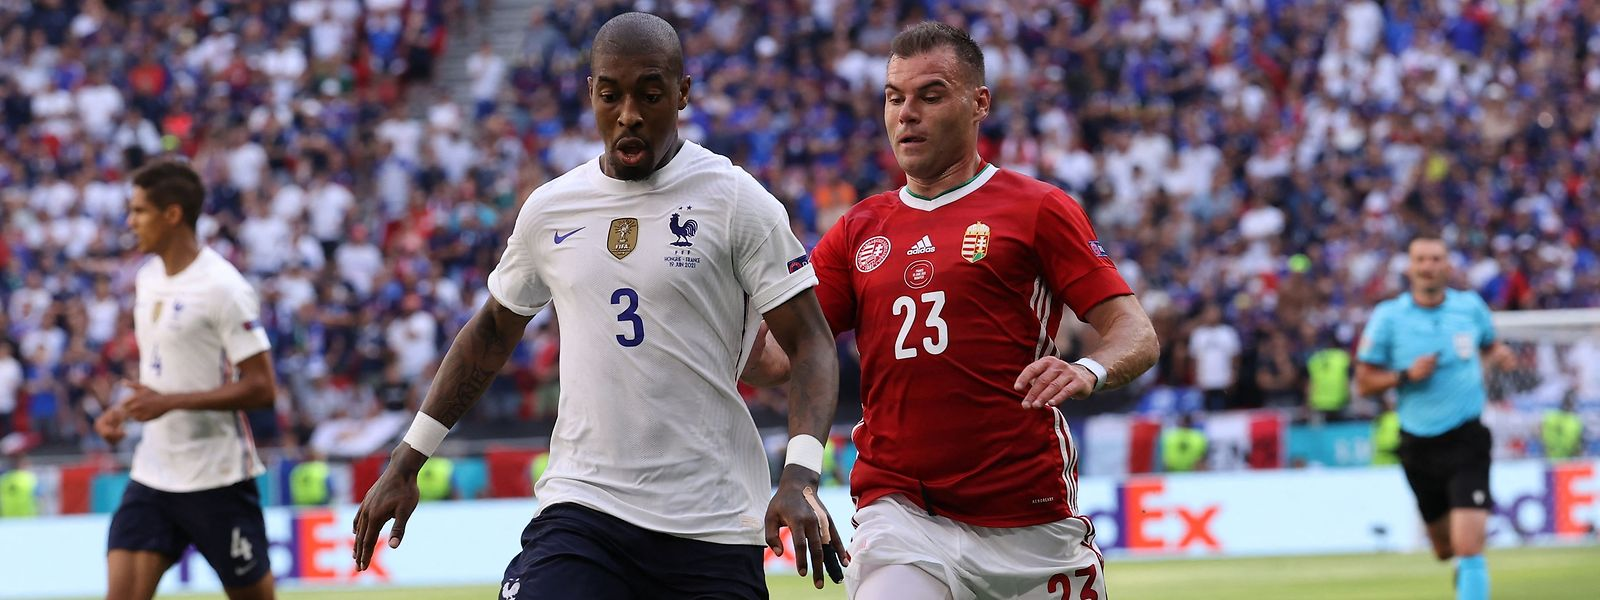 Presnel Kimpembe (l.) und Frankreich kommen gegen Ungarn um Nemanja Nikolic nicht über ein Unentschieden hinaus.